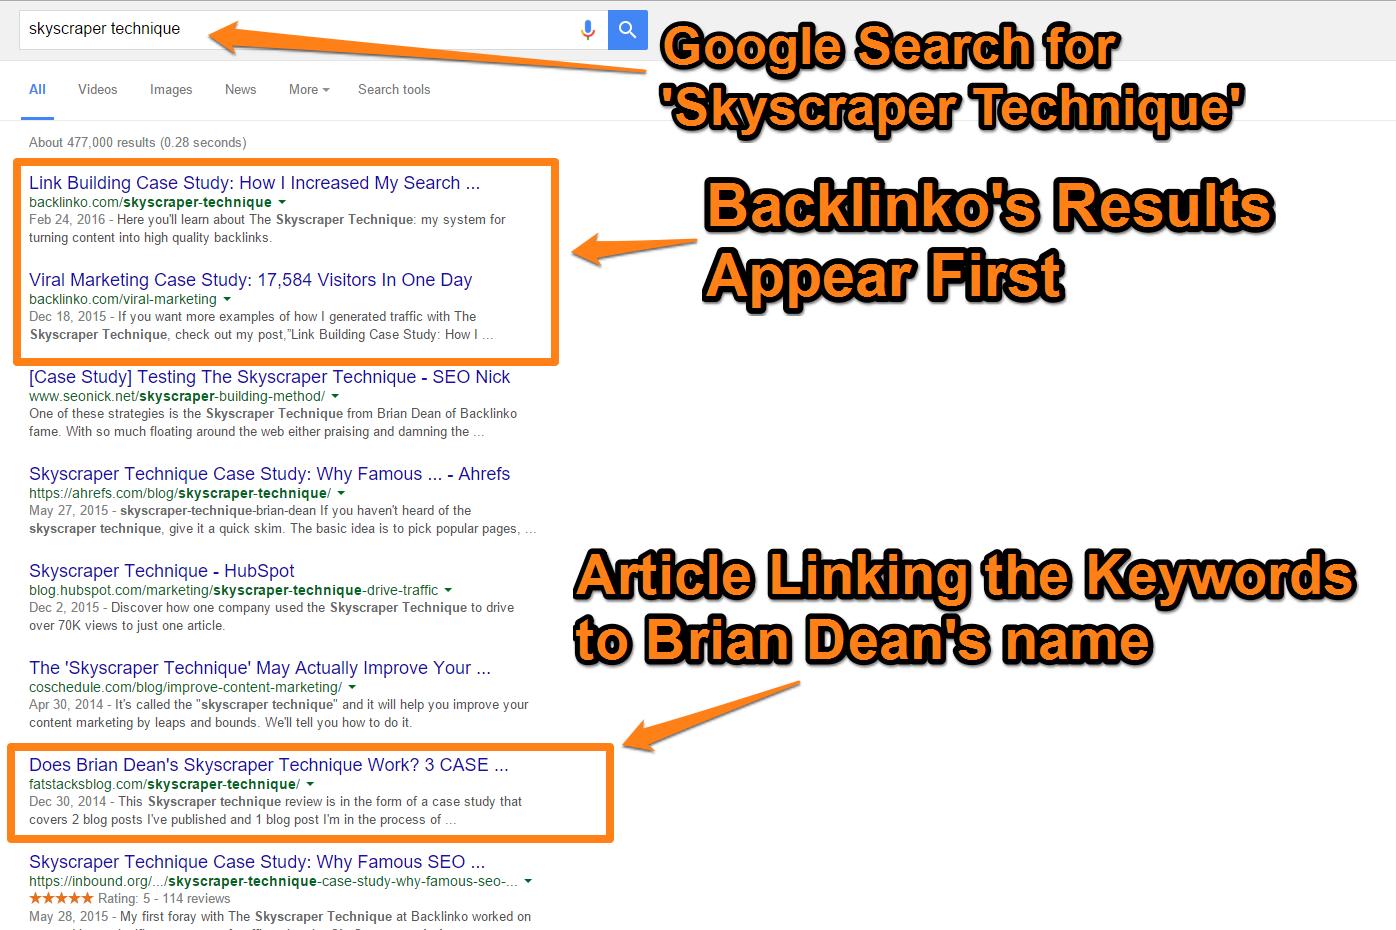 20_Google-Search-for-the-Skyscraper-Technique